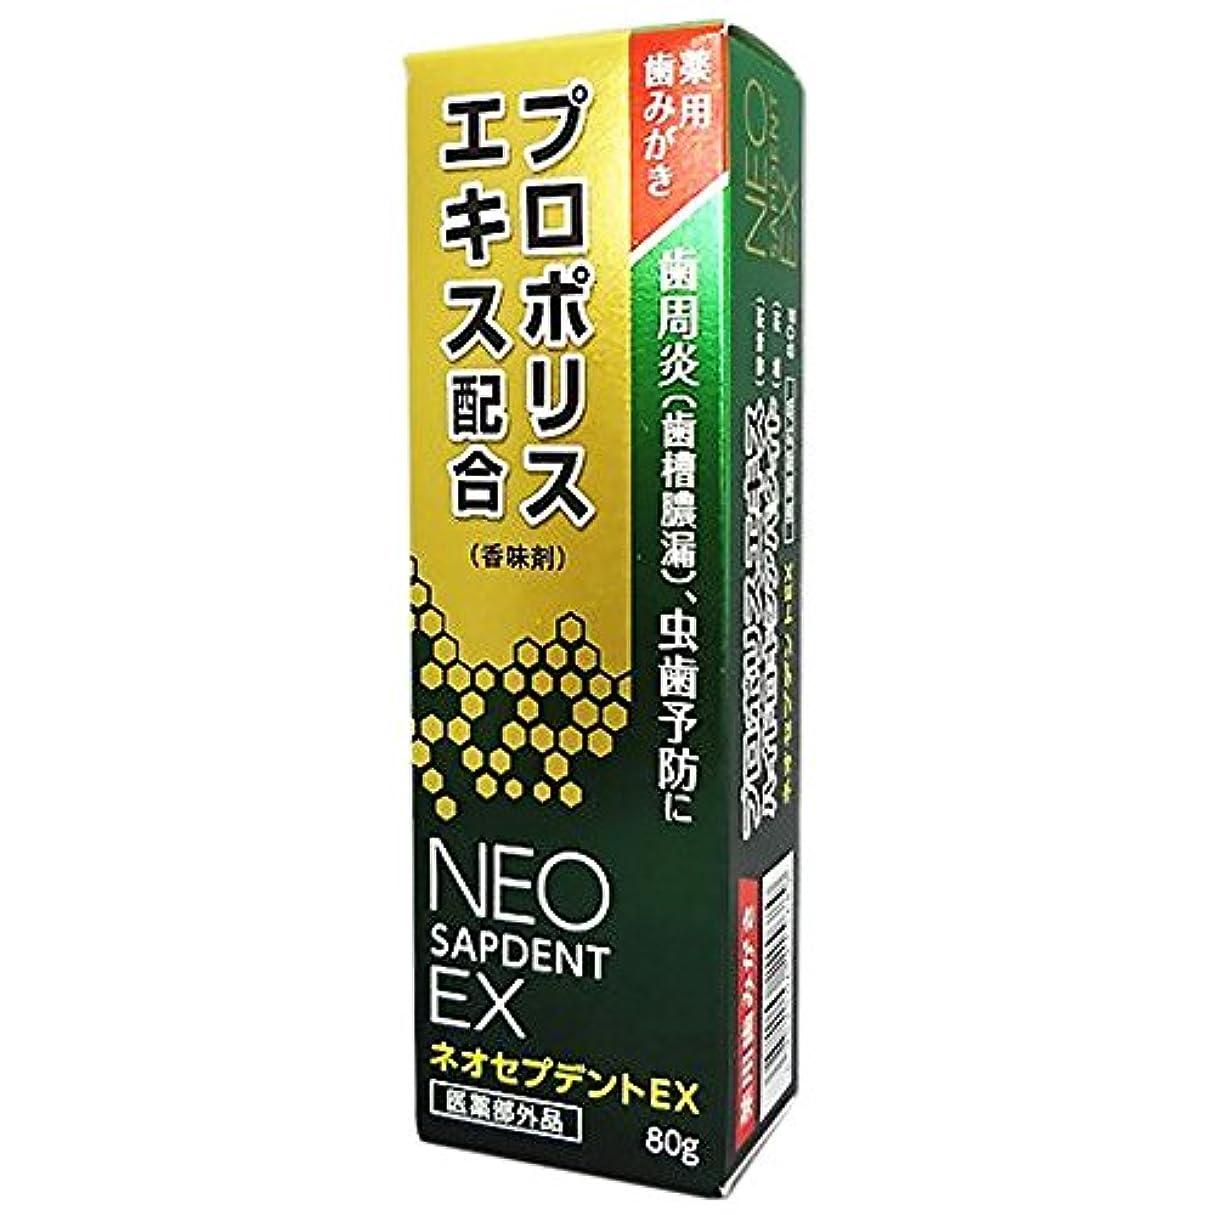 信号仕方社会科森川健康堂 ネオセプデントEX 80g